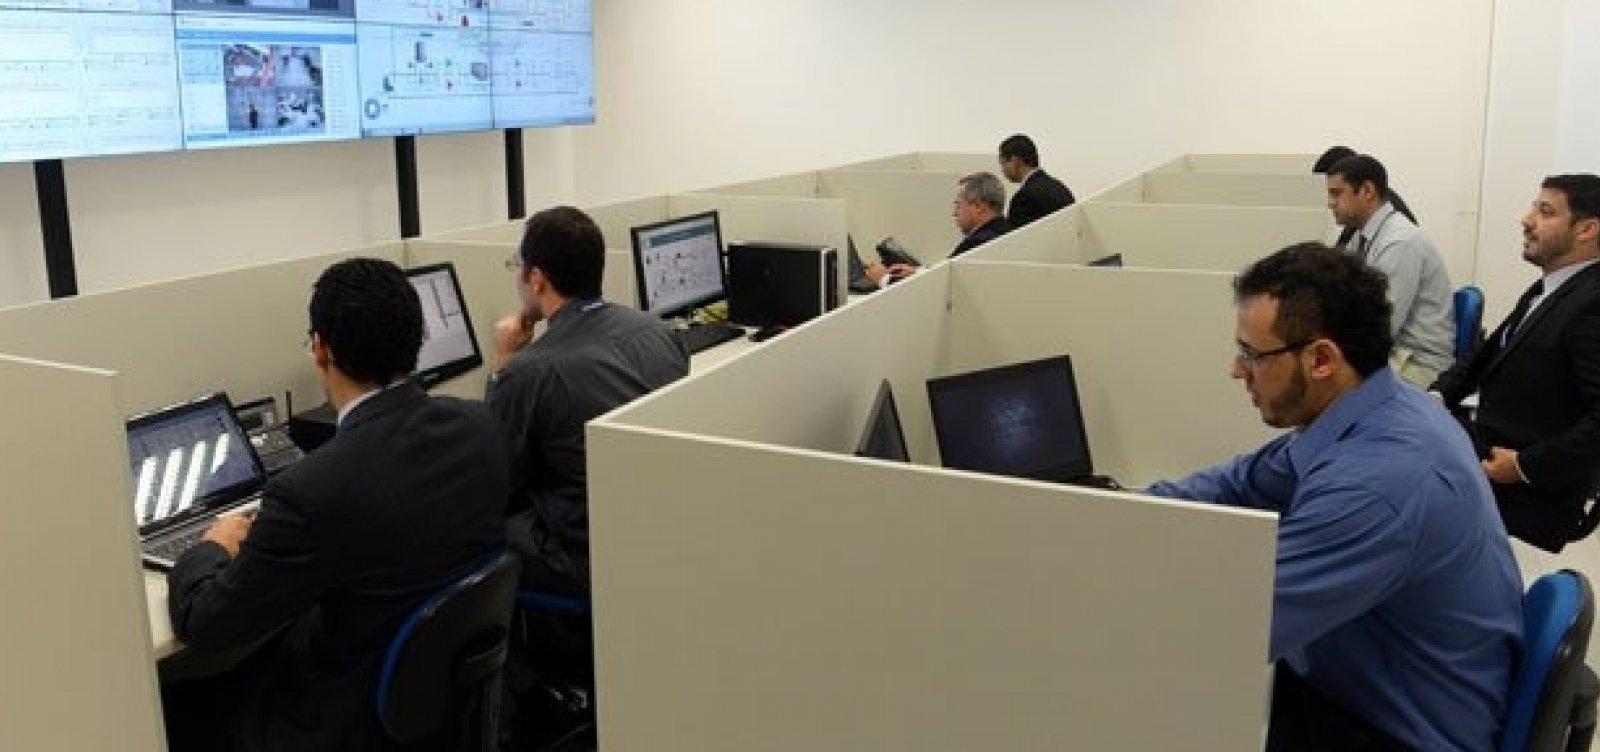 Cimatec Ògún: supercomputador será lançado hoje em Salvador